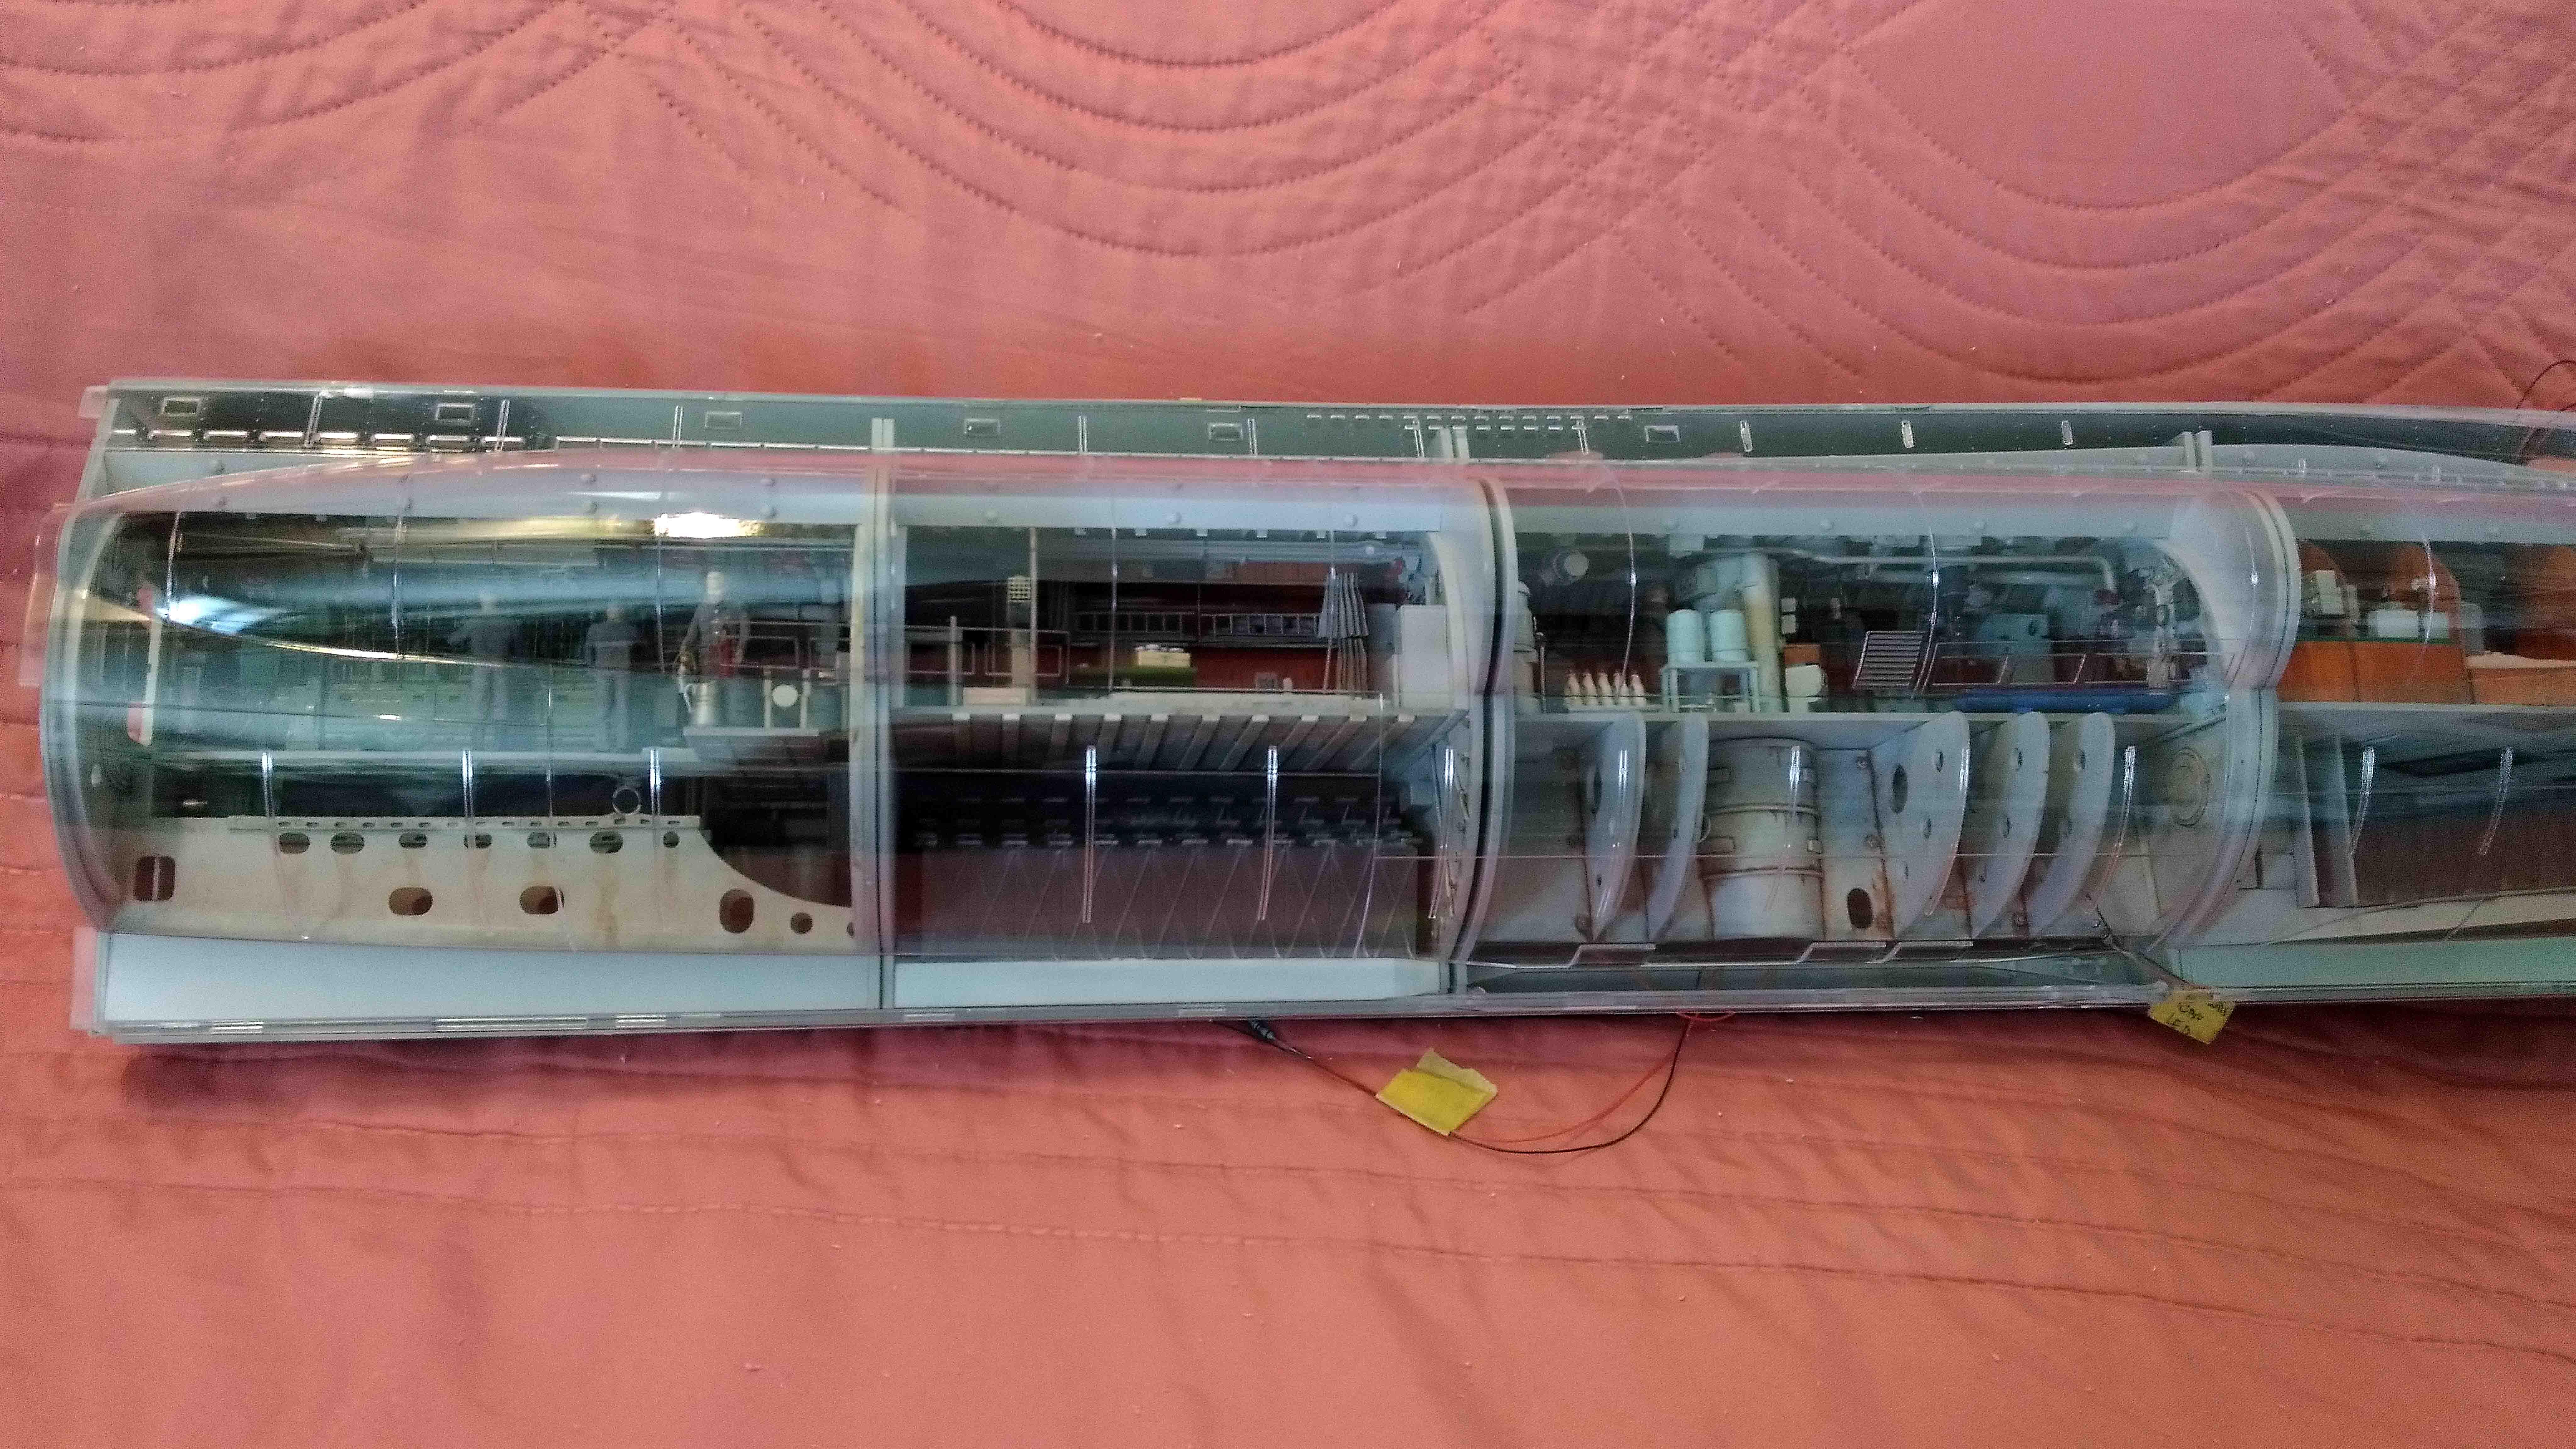 U-552 TRUMPETER Echelle 1/48 - Page 19 18052410582323648415727506